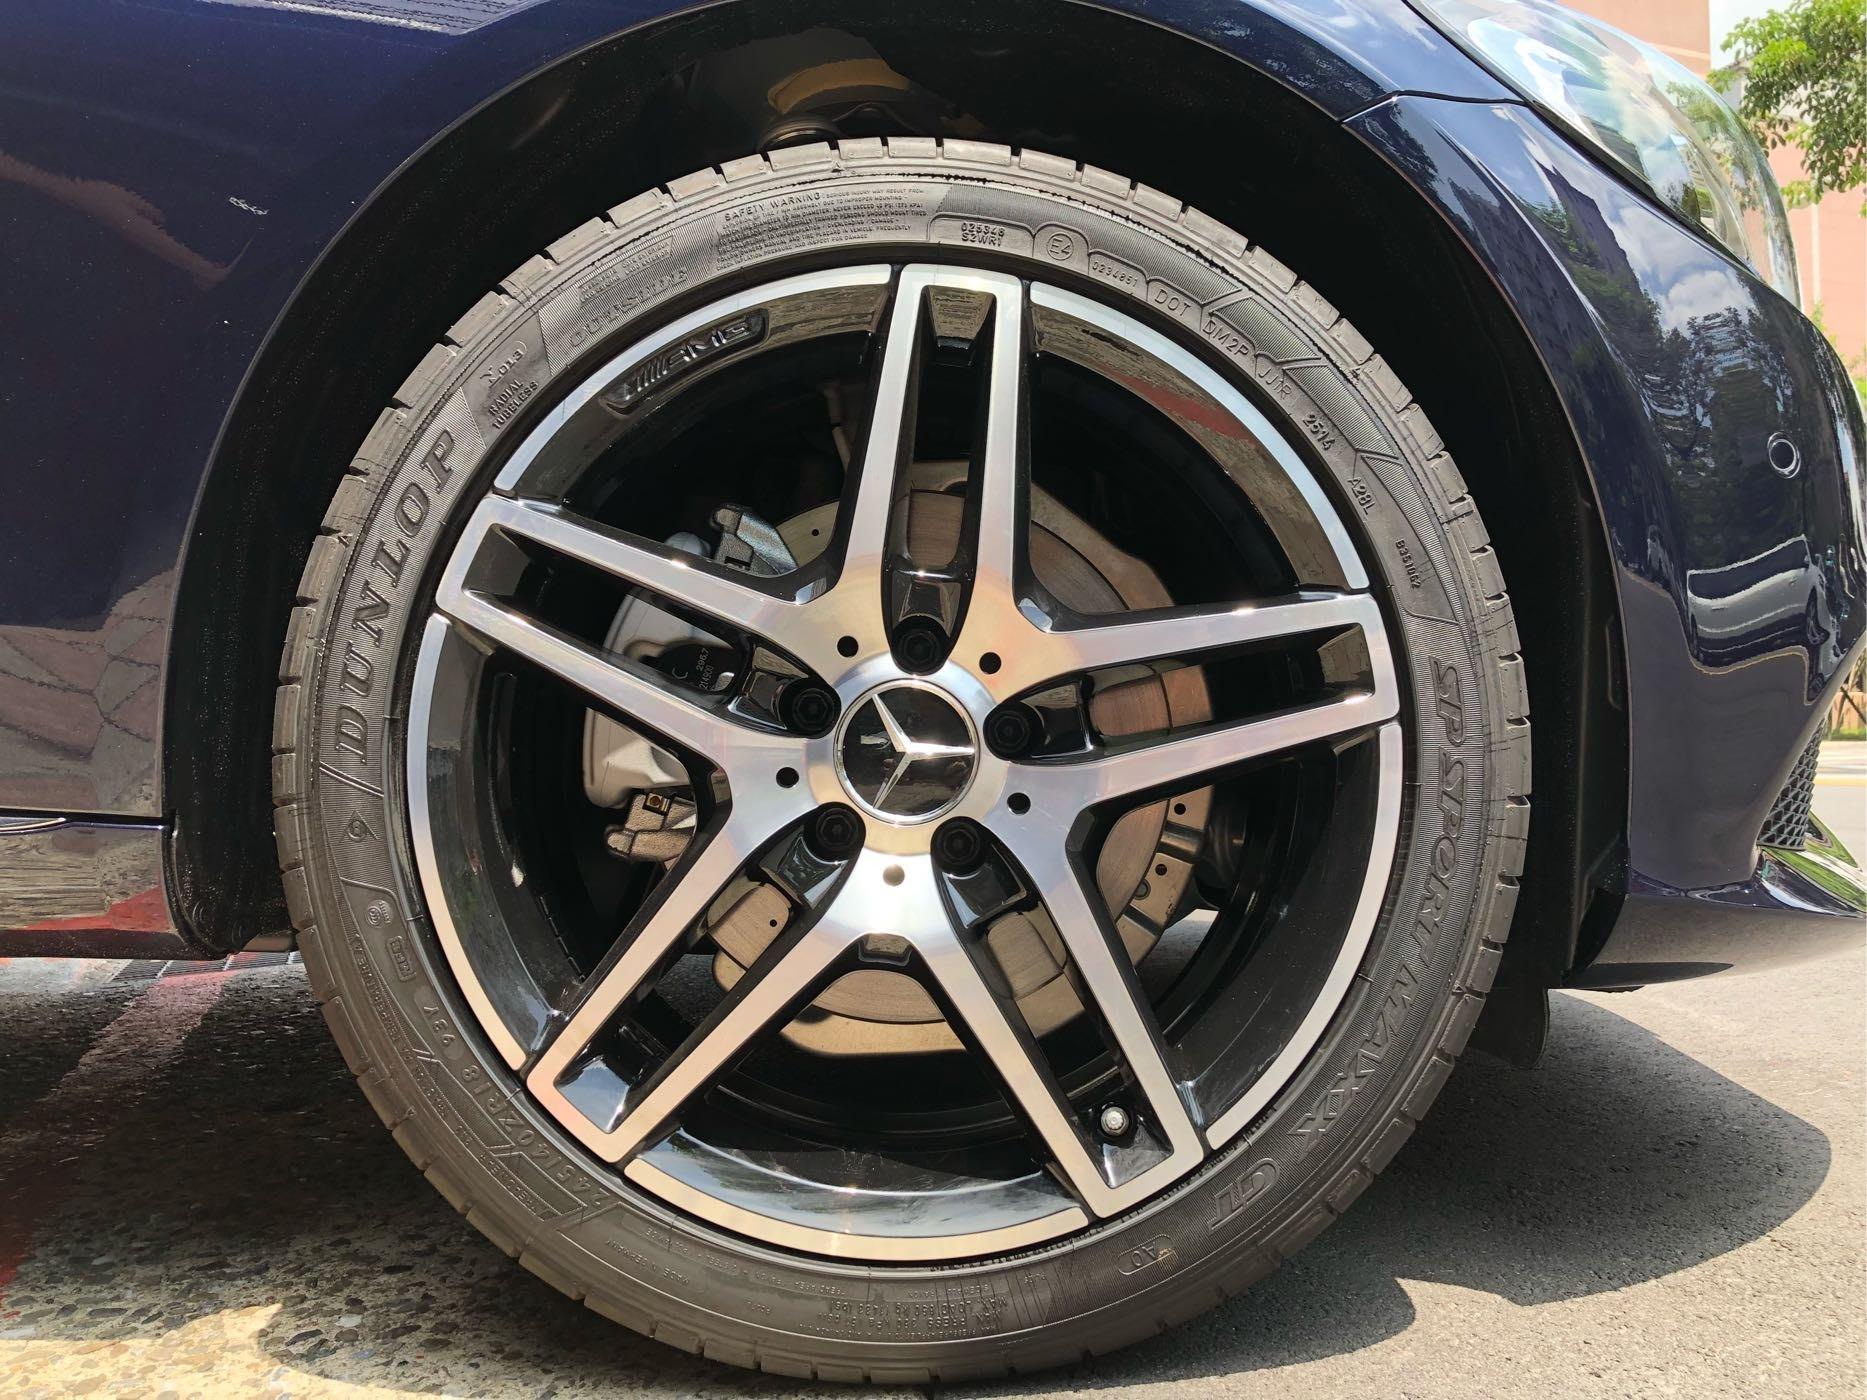 國豐動力 AMG 全車系 18吋 正廠鋁圈 現貨供應 歡迎洽詢